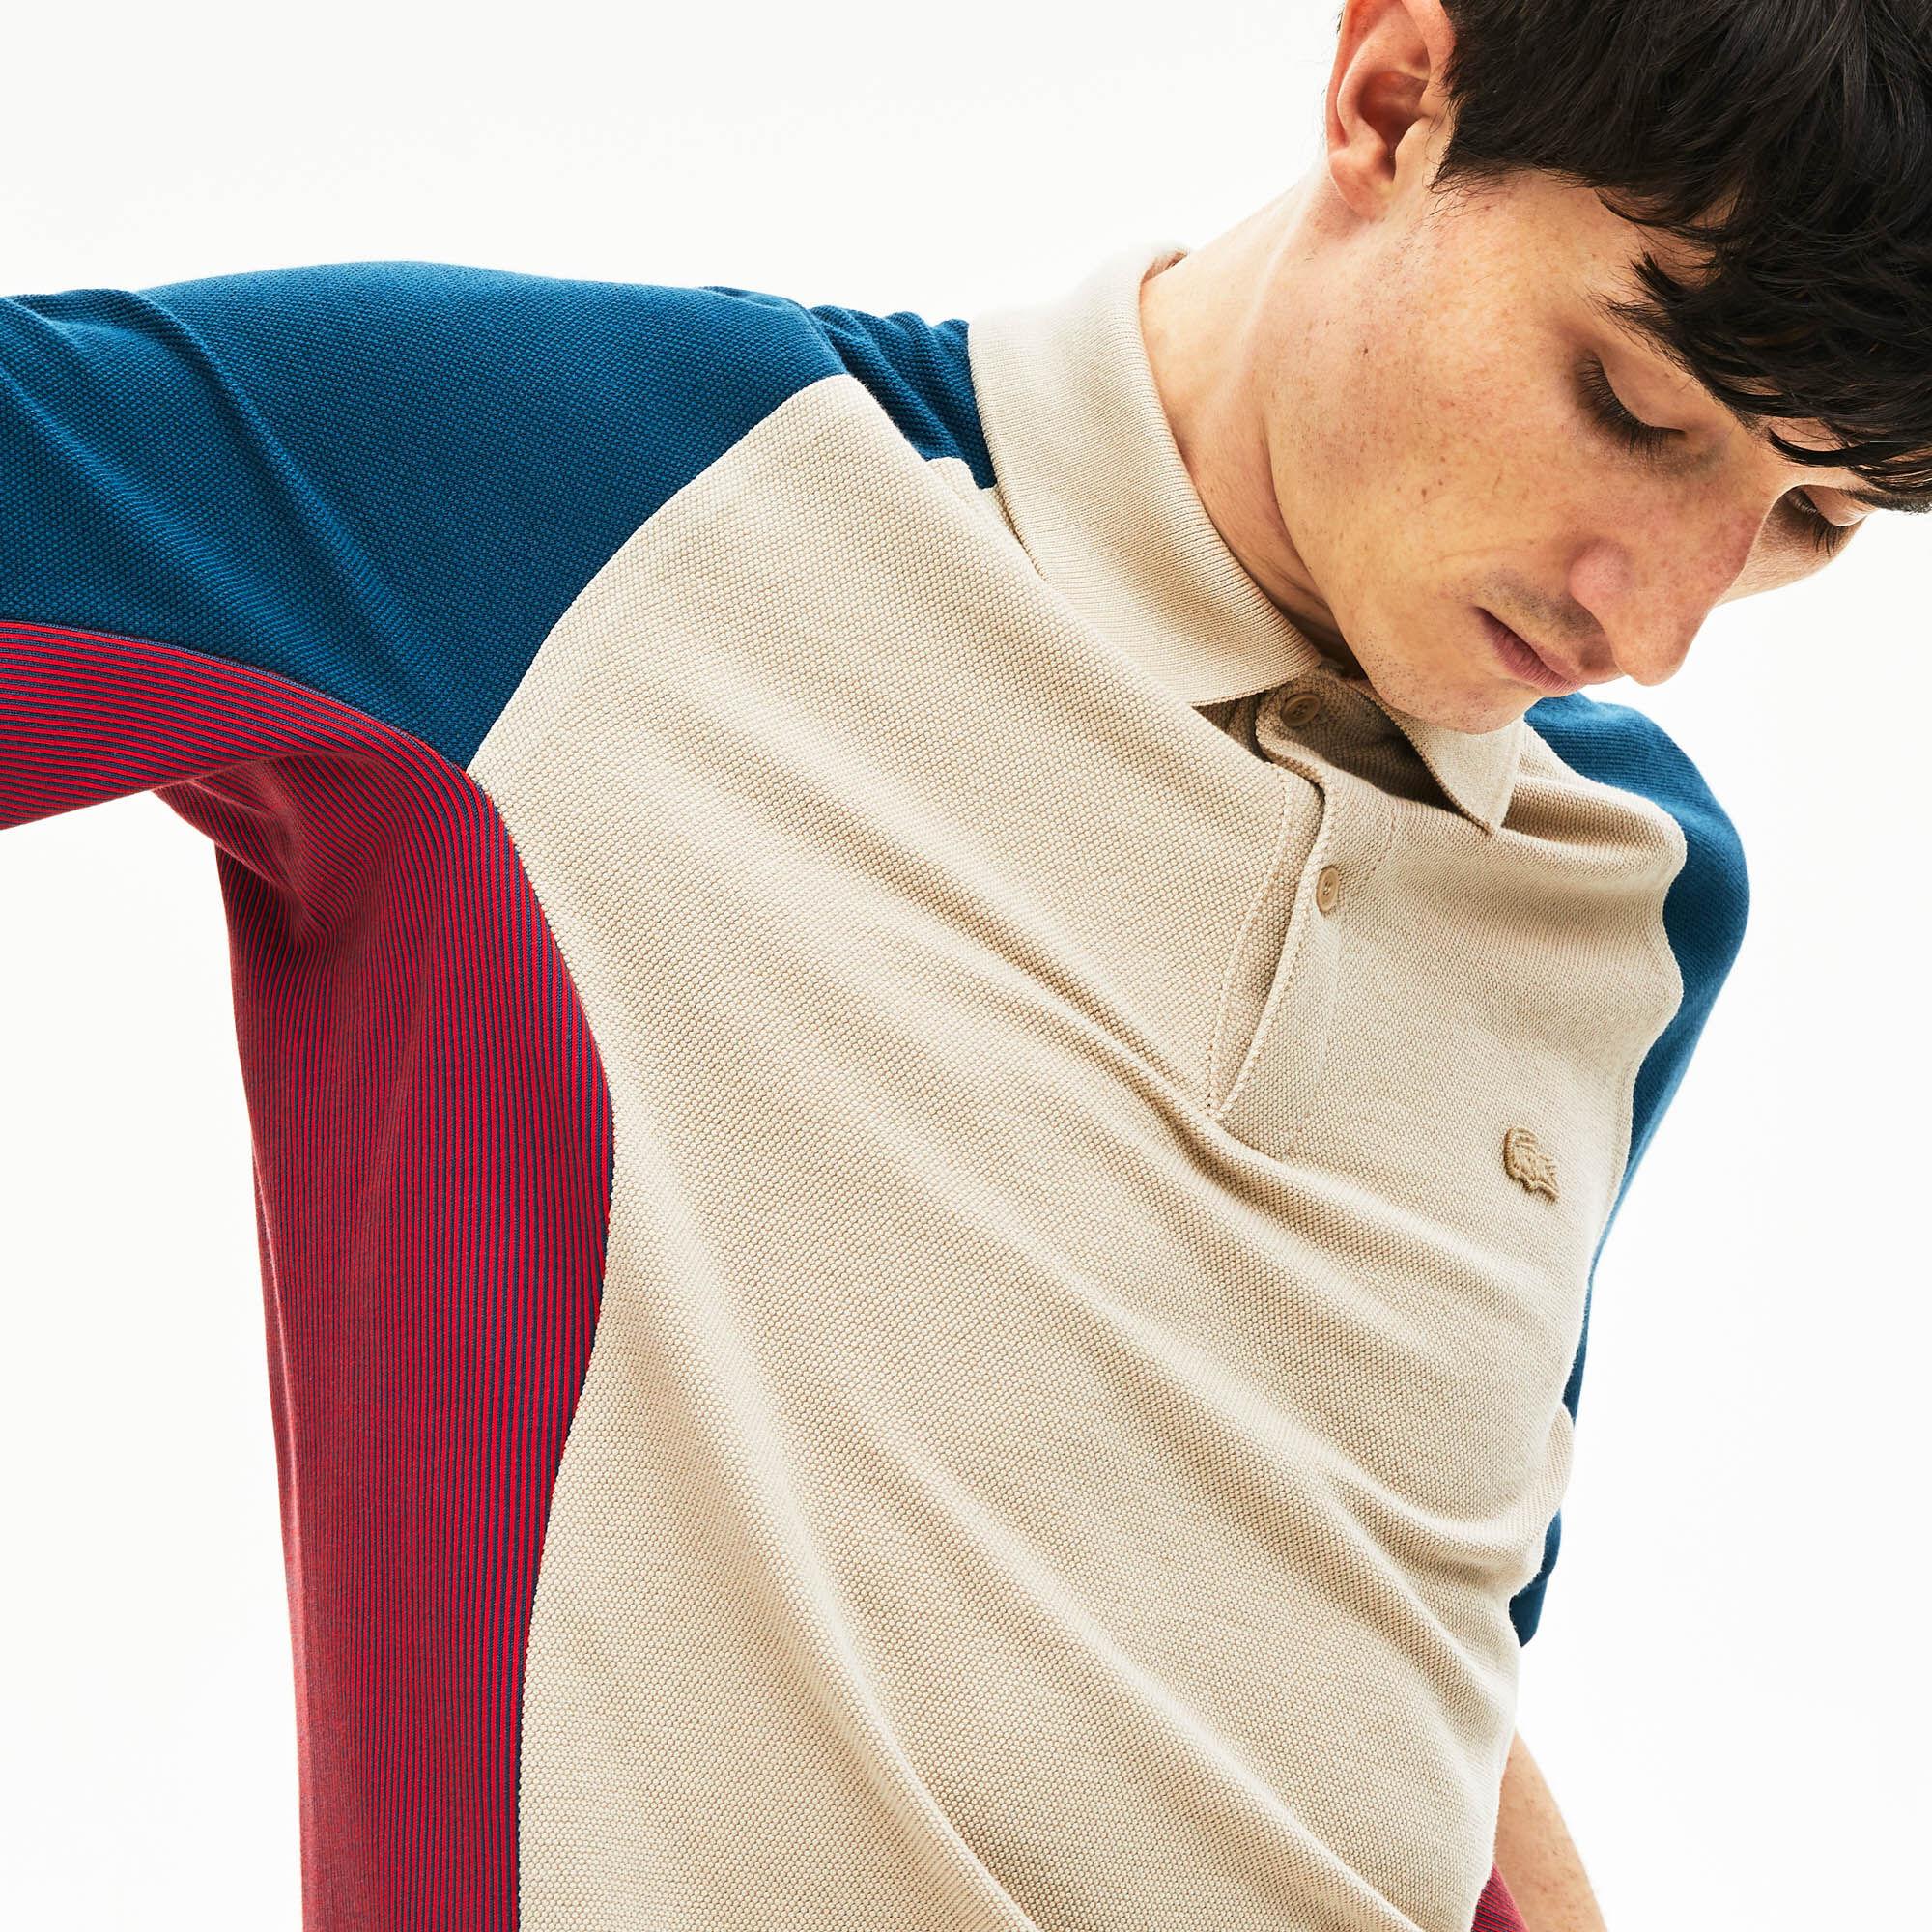 قميص بولو من البيكيه بألوان متعددة من مجموعة Lacoste Colourblock للرجال